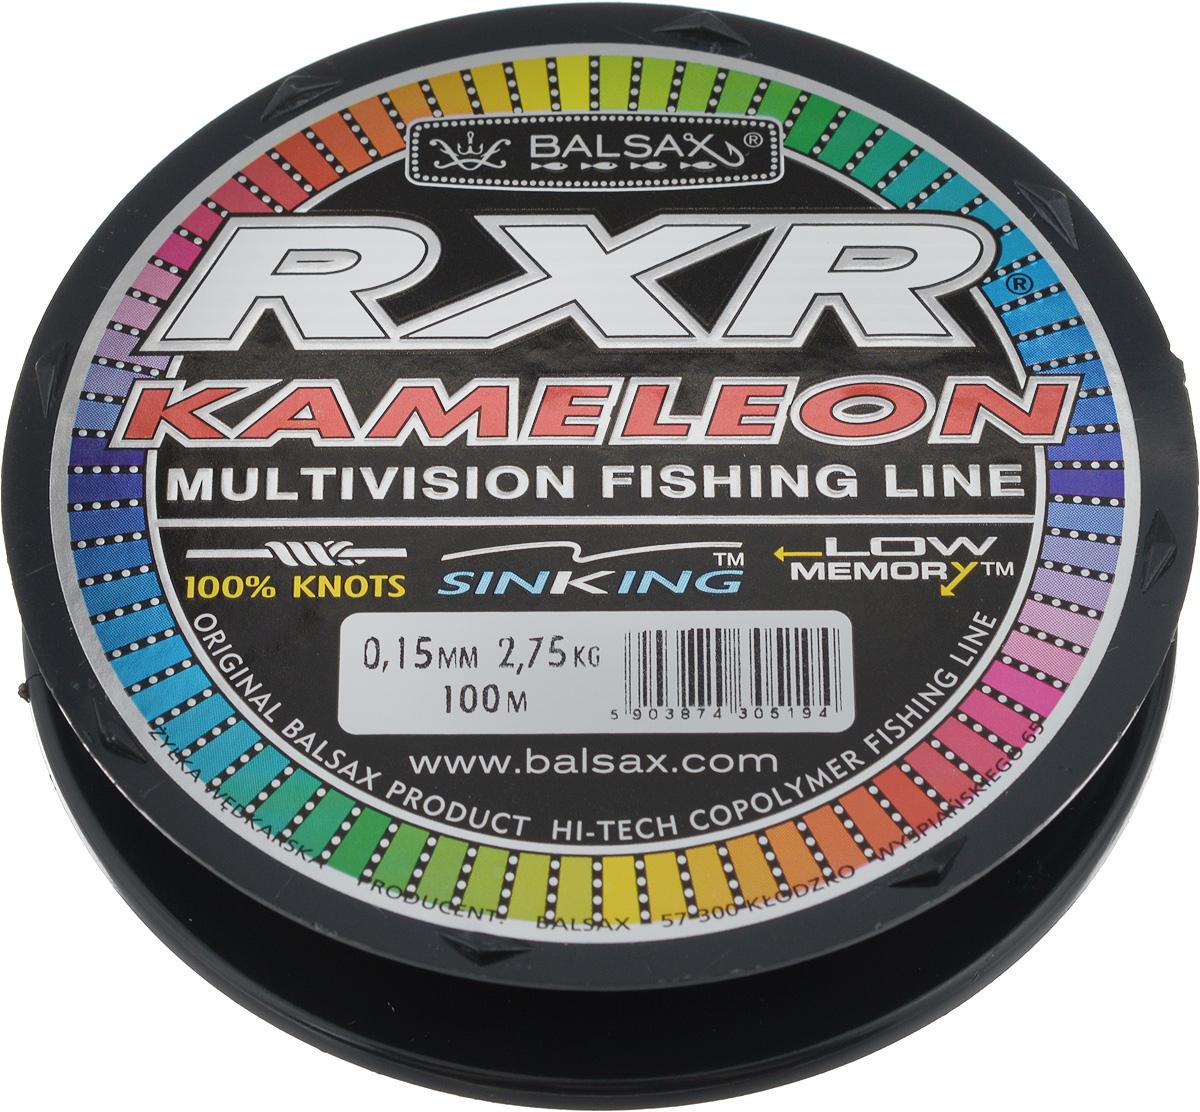 Леска Balsax RXR Kameleon, 100 м, 0,15 мм, 2,75 кг95437-530Леска последнего поколения Balsax RXR Kameleon выполнена из 100% нейлона и не боится истирания. Благодаря особым условиям производства, она способна изменять цвет, приспосабливаясь к внешним условиям. Тесты показали, что такая леска отличается высокой прочностью при растяжении и прочностью в местах вязки узлов. Она не меняет форму и не скручивается. Леска Balsax RXR Kameleon позволяет надежнее засечь рыбу и дает возможность чувствовать каждое движение приманки.